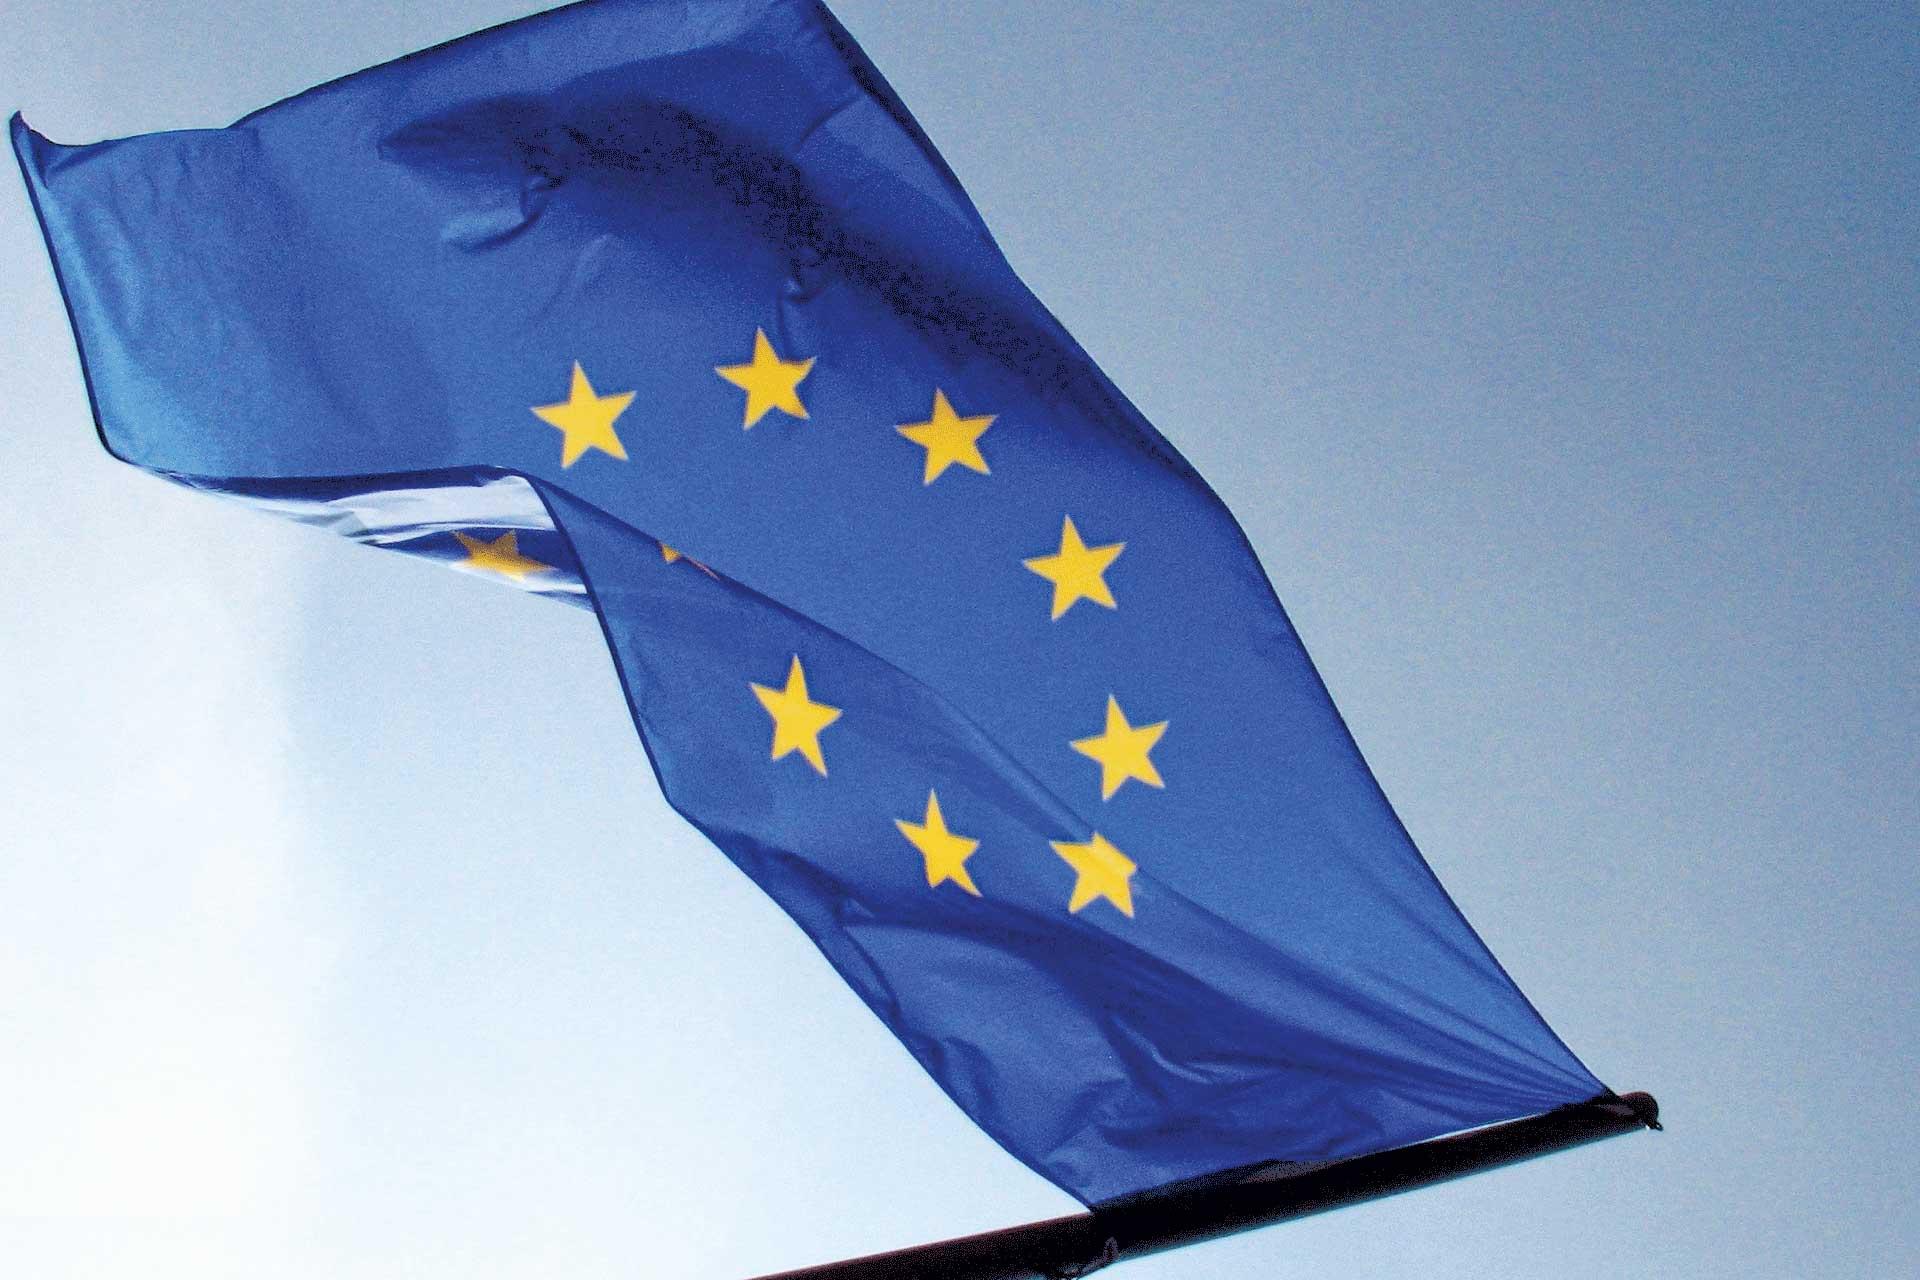 Die blaue Europa-Flagge weht im Wind.